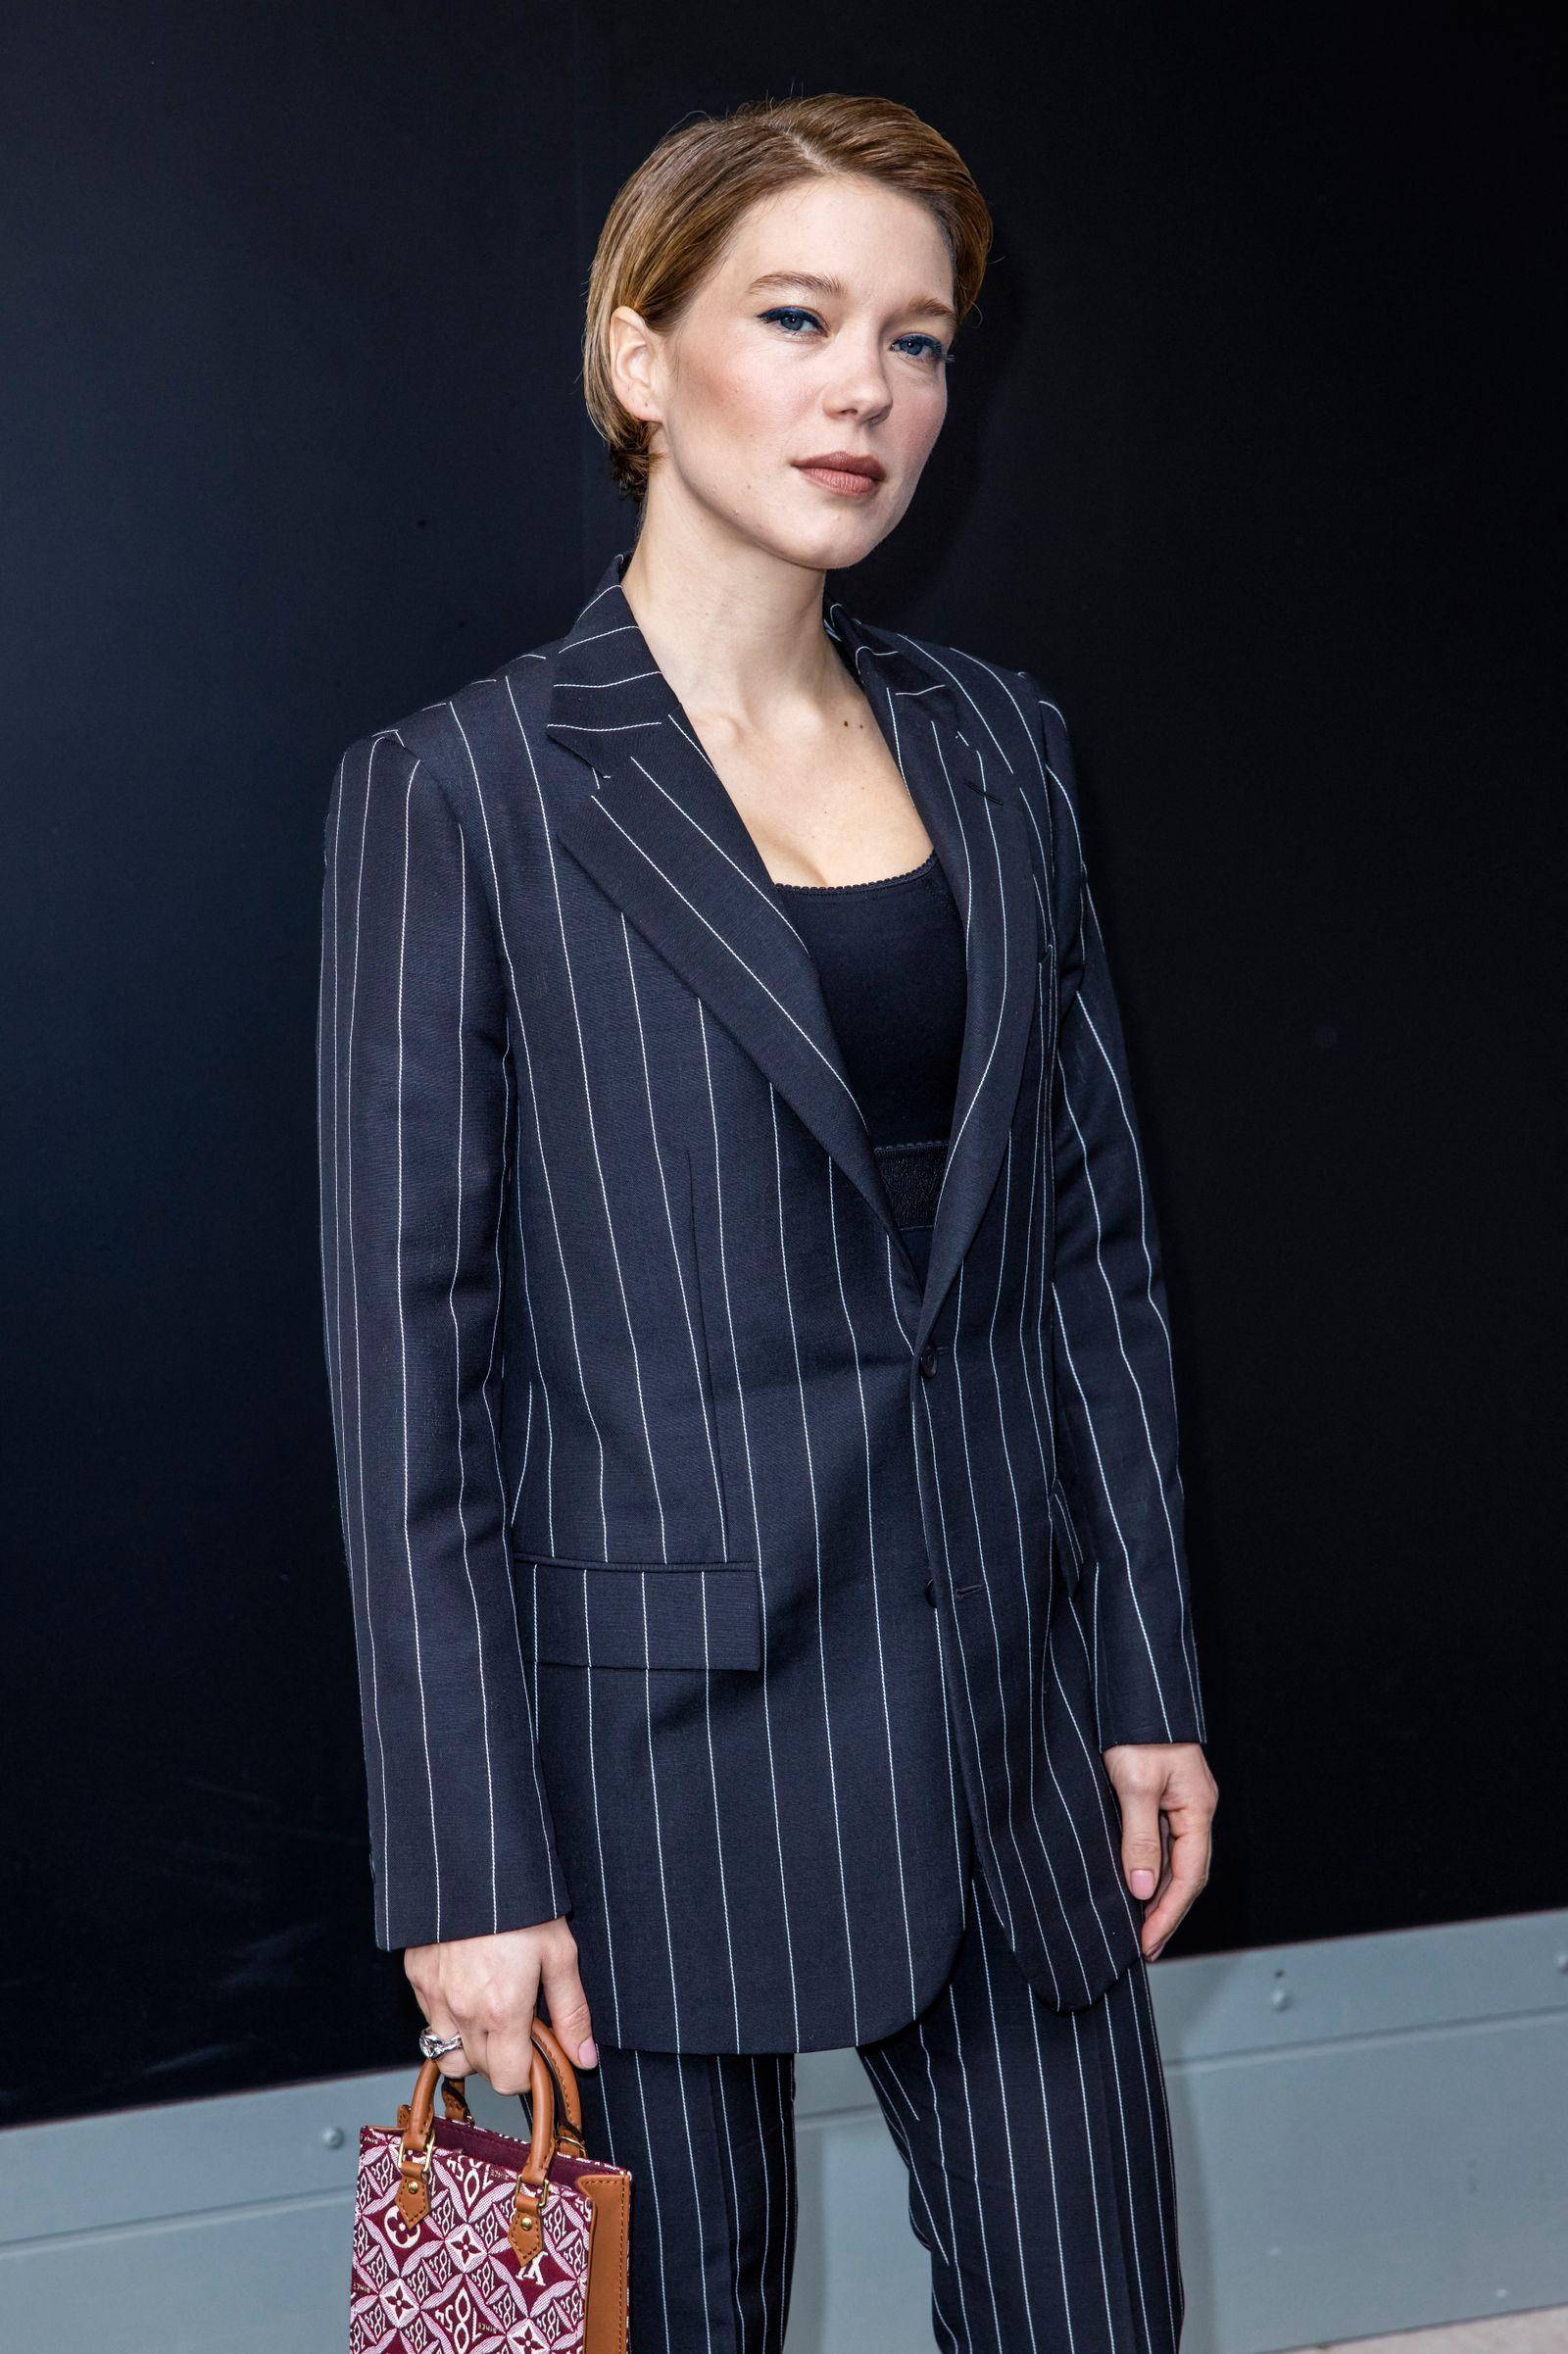 Photocall du dÄfilÄ de mode prÉt-ê-porter printemps-ÄtÄ 2021